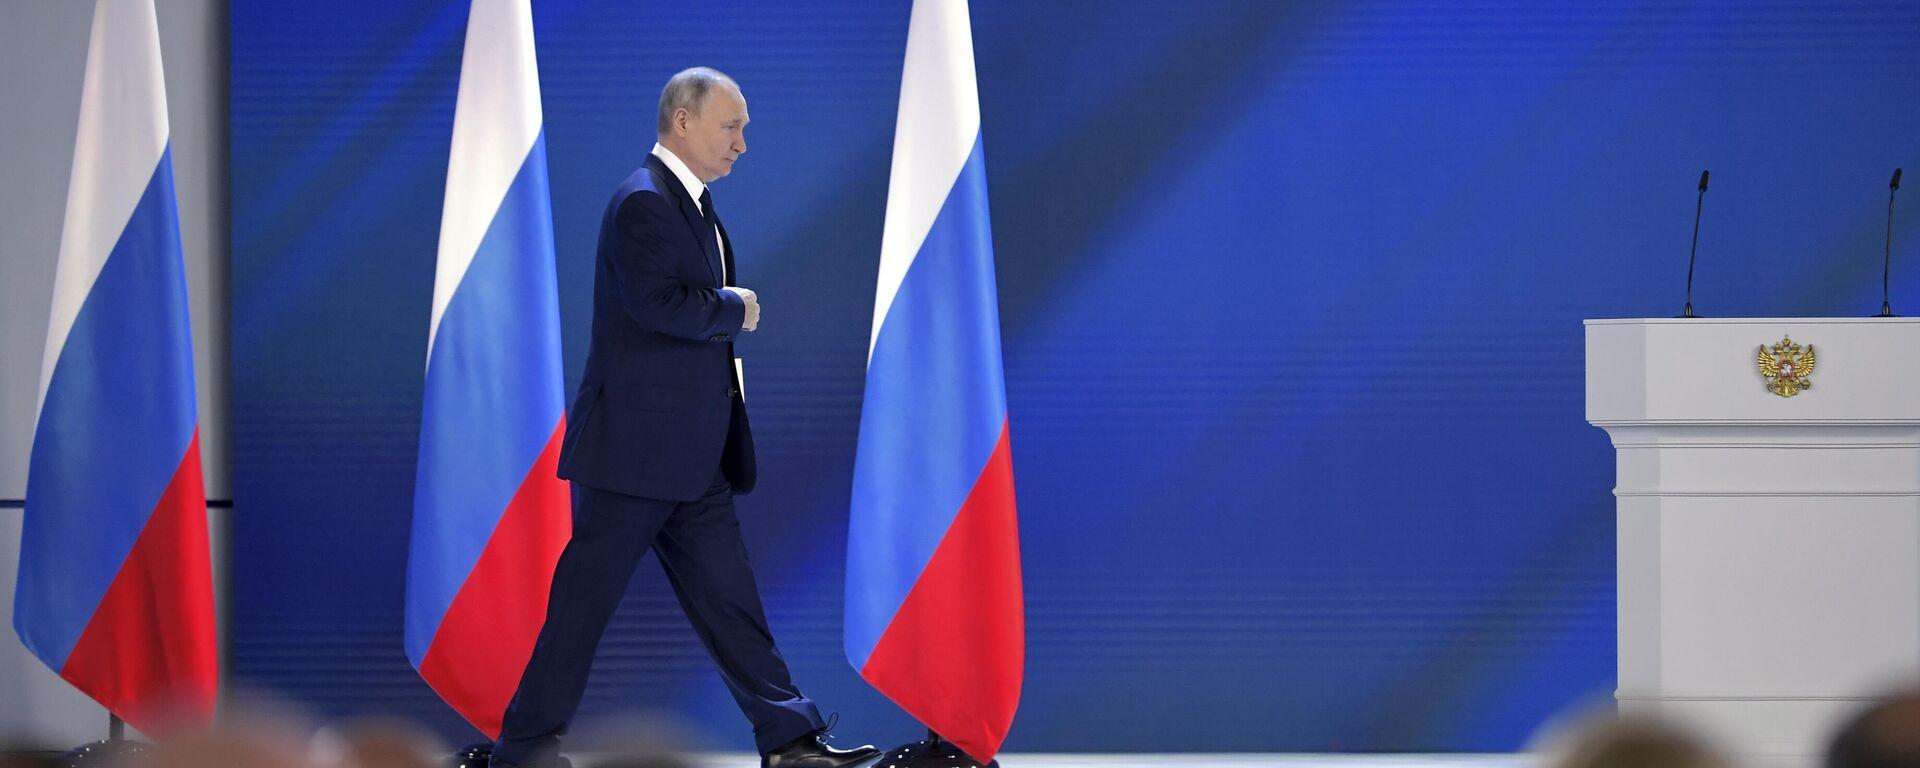 Президент РФ Владимир Путин перед началом выступления с ежегодным посланием Федеральному Собранию - Sputnik Узбекистан, 1920, 30.06.2021